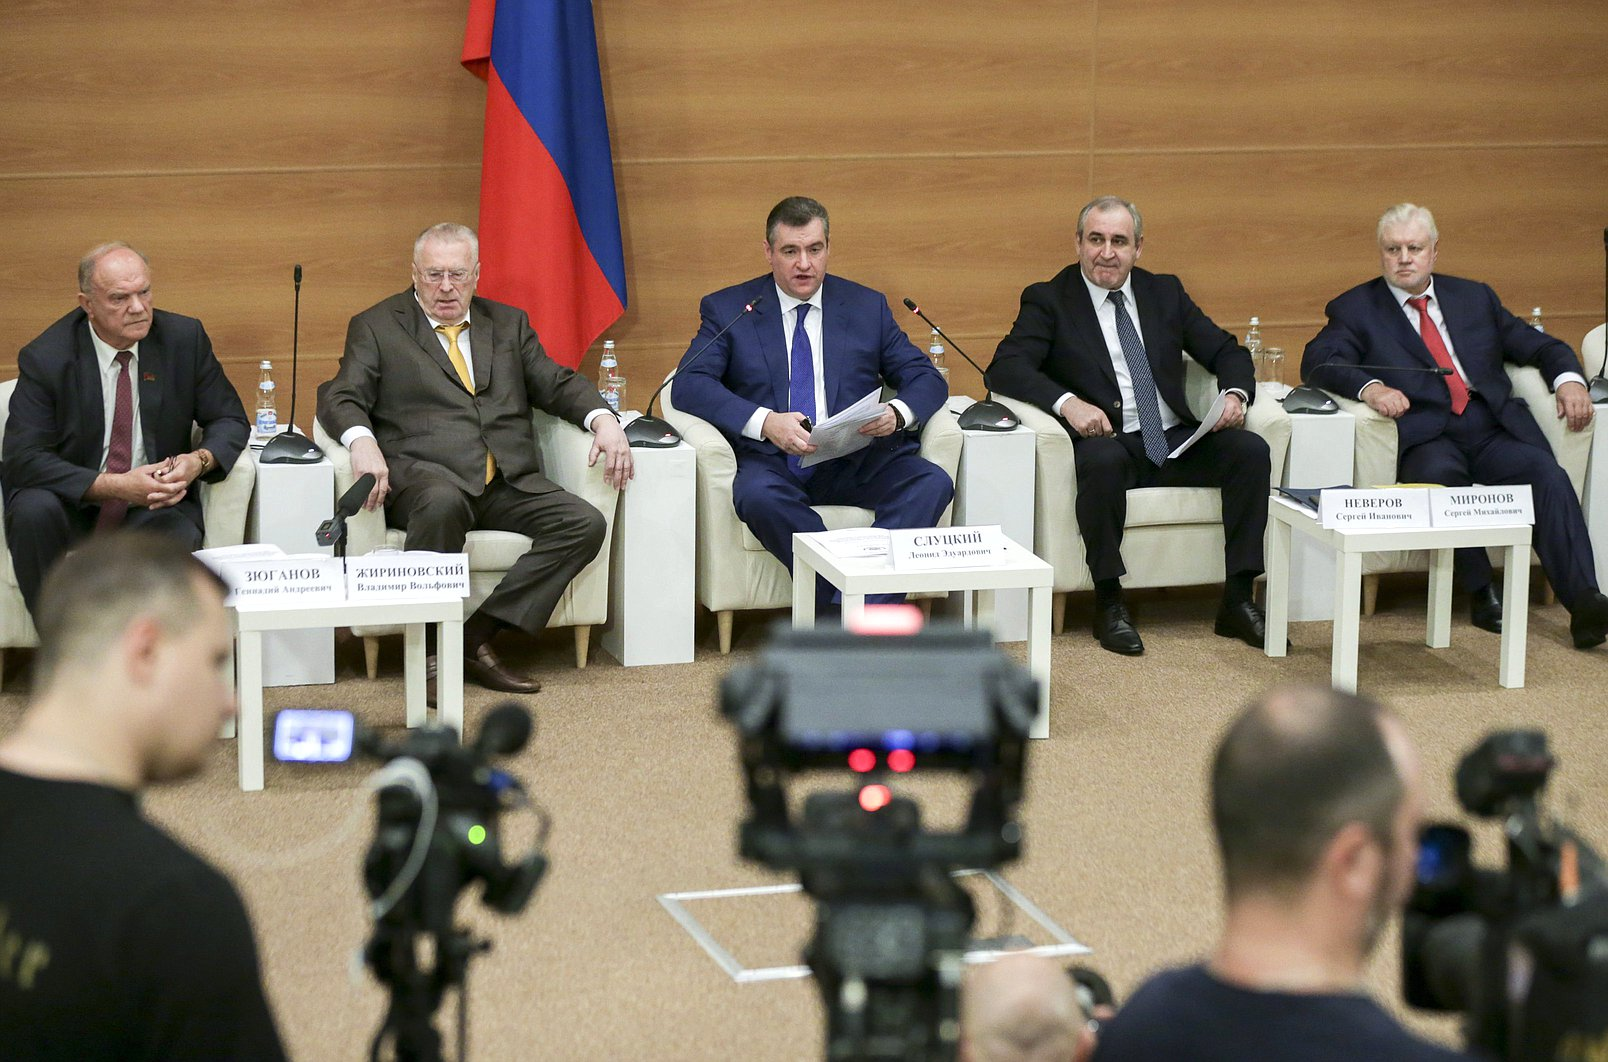 В Государственной Думе состоялись парламентские слушания «Обеспечение стратегической стабильности в условиях изменения мировой архитектуры безопасности: парламентское измерение»